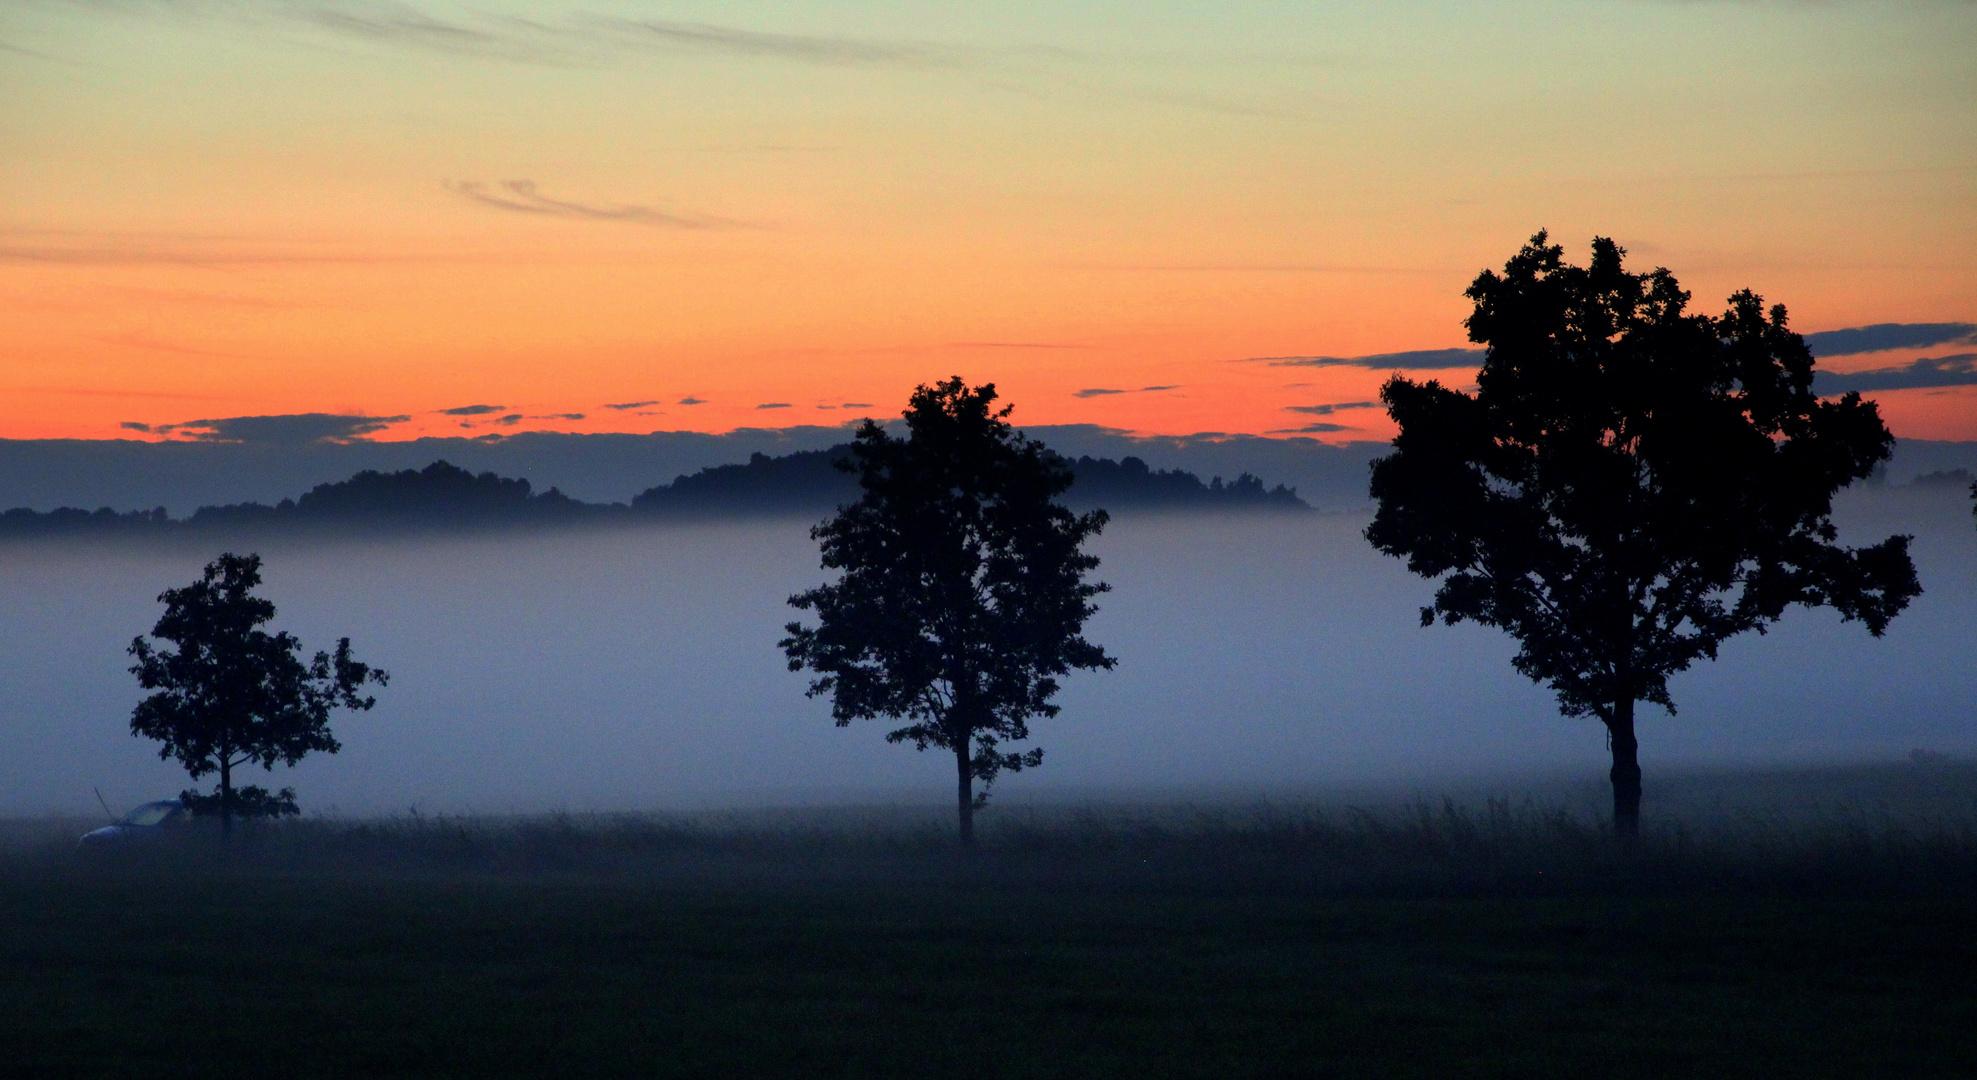 Vernebelter Sonnenuntergang zum Zweiten